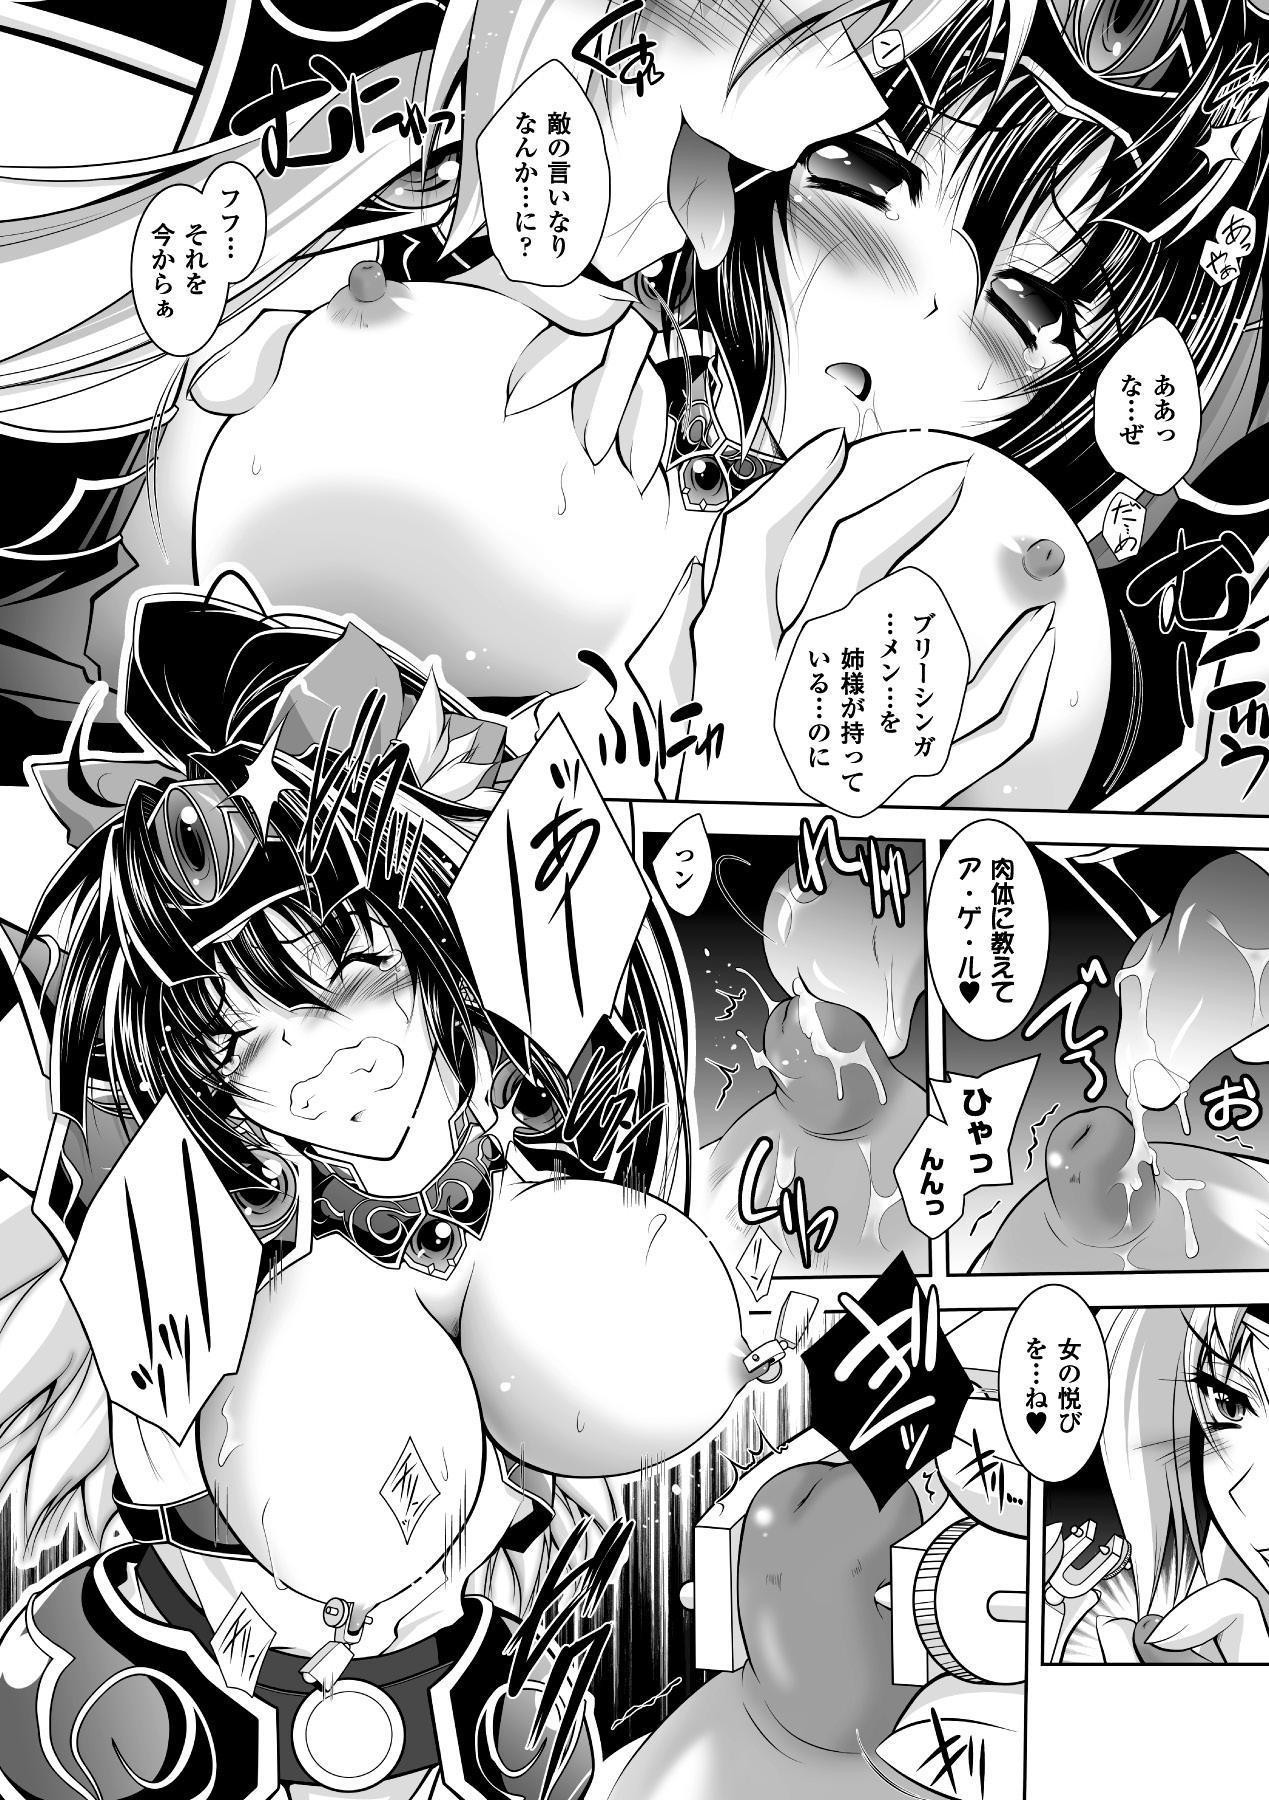 [Parfait] Mesu Inu no Tooboe ~Injyoku Elegy~ - The Howling Of A Bitch [Digital] 31